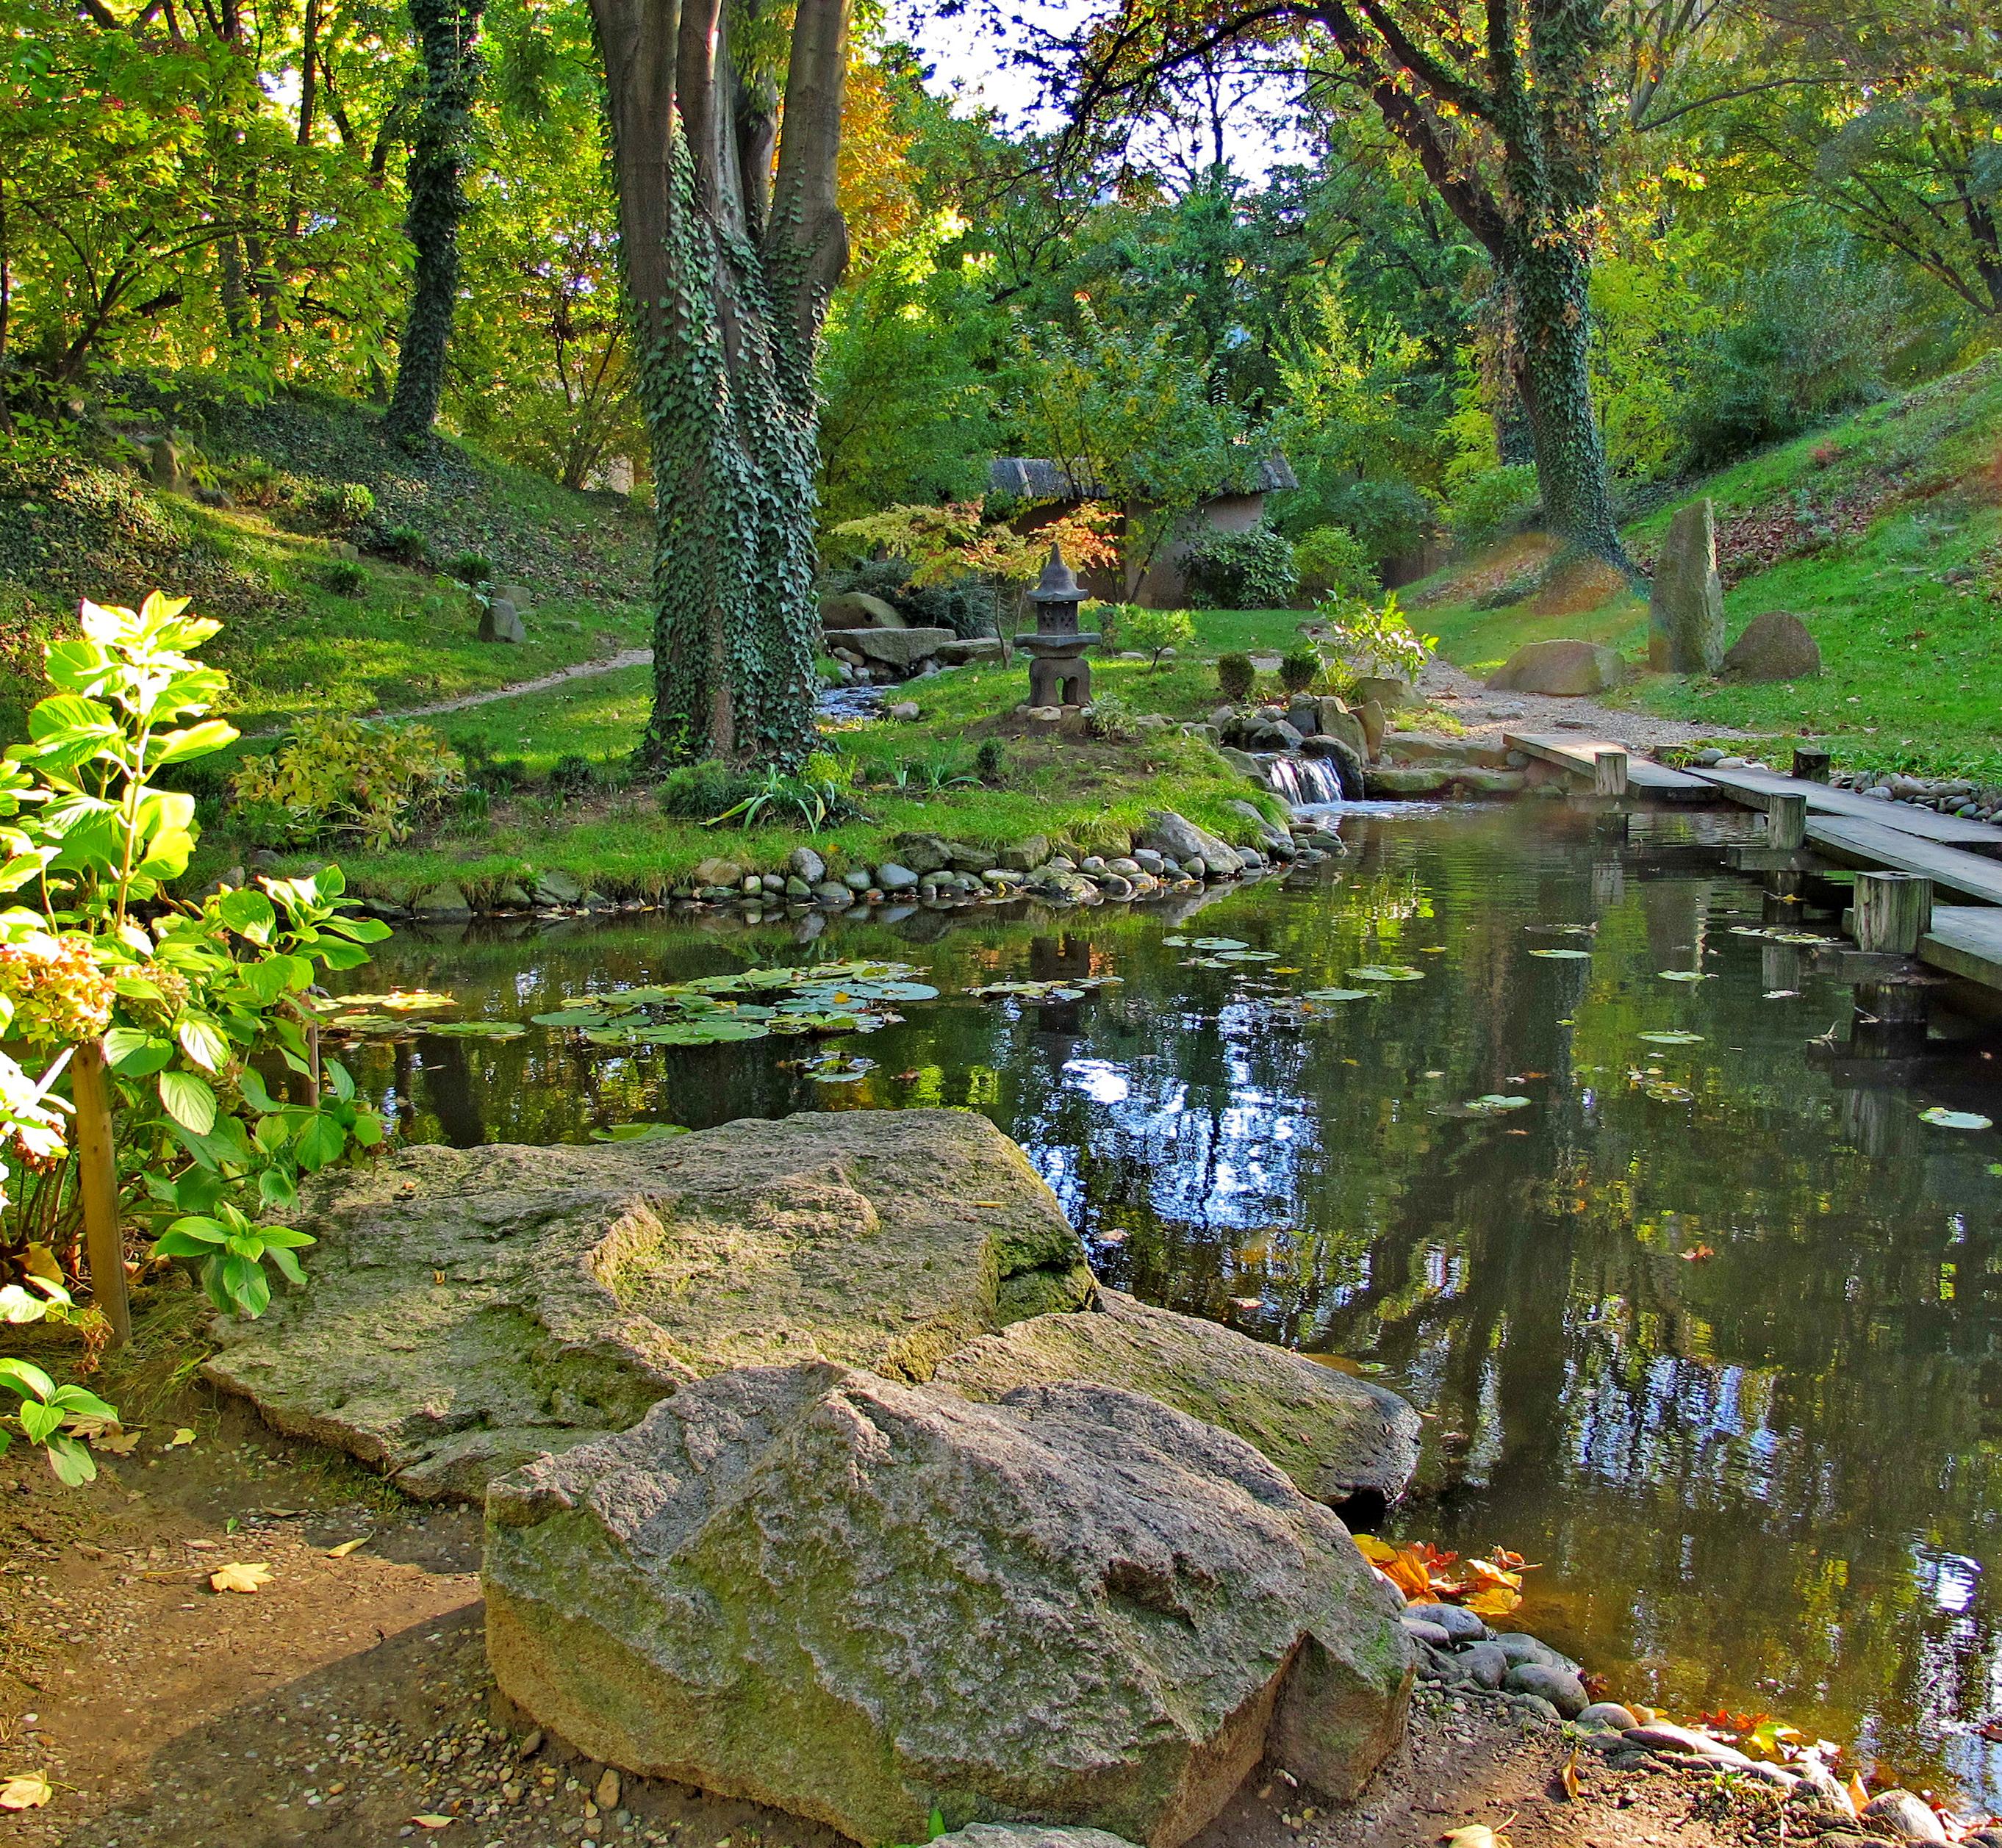 Botanička bašta Jevremovac, zaboravljeni raj u centru Beograda Botani%C4%8Dka_ba%C5%A1ta_Jevremovac%2C_Beograd_-_Japanski_vrt_14